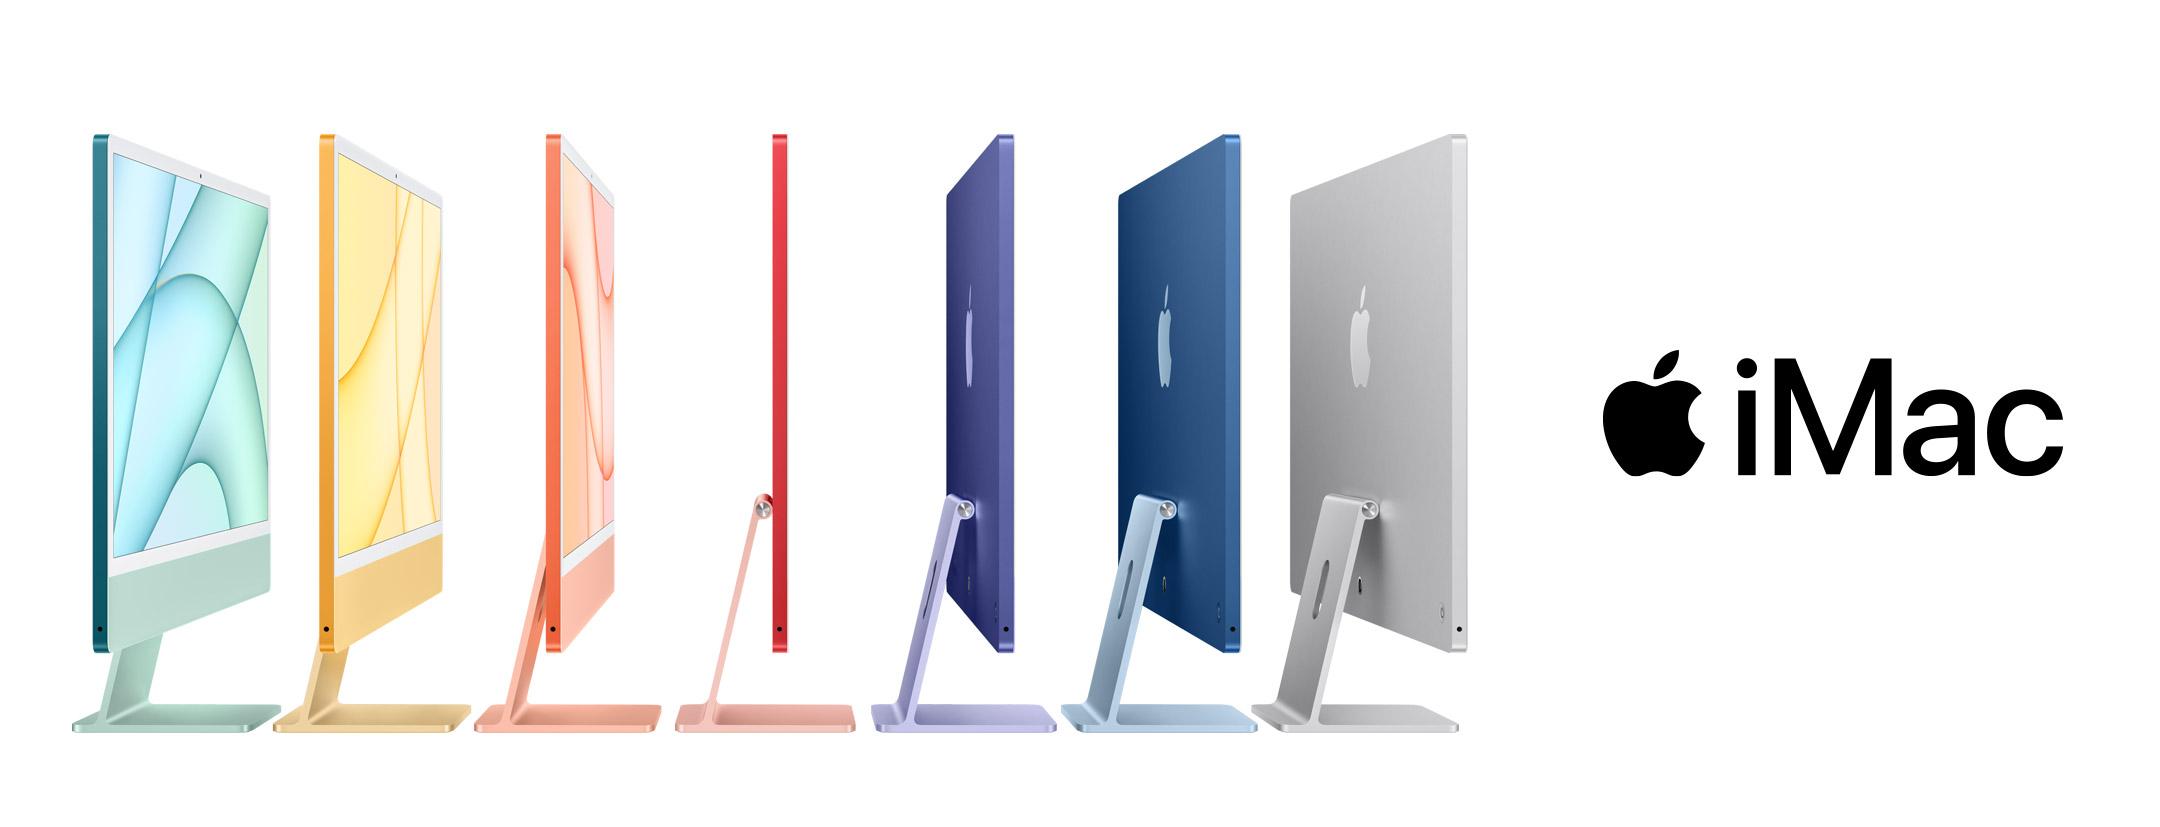 iMac 24-inch at Computer Advantage